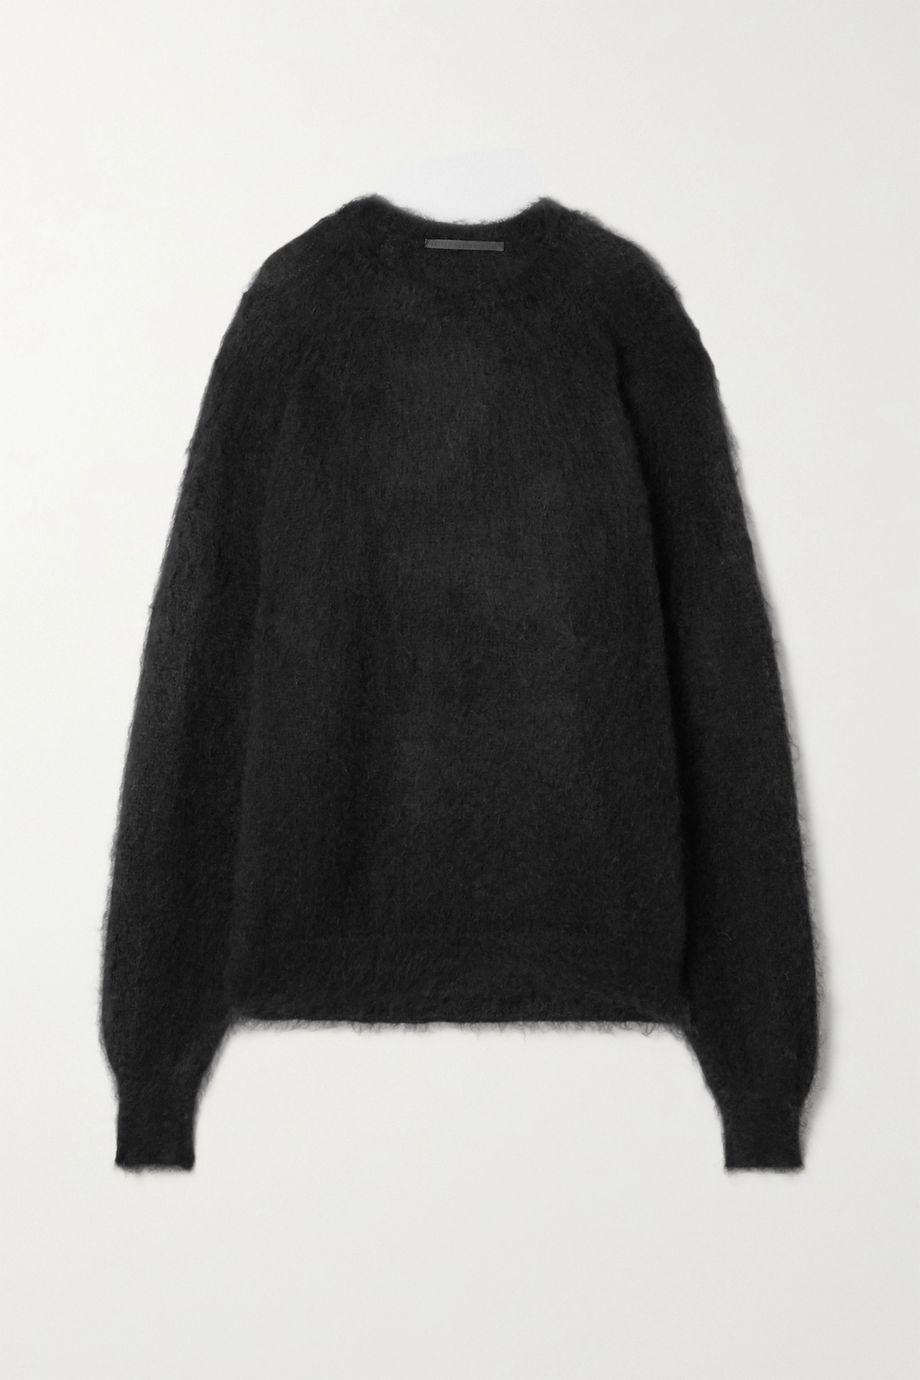 Haider Ackermann Oversized-Pullover aus einer Mohairmischung